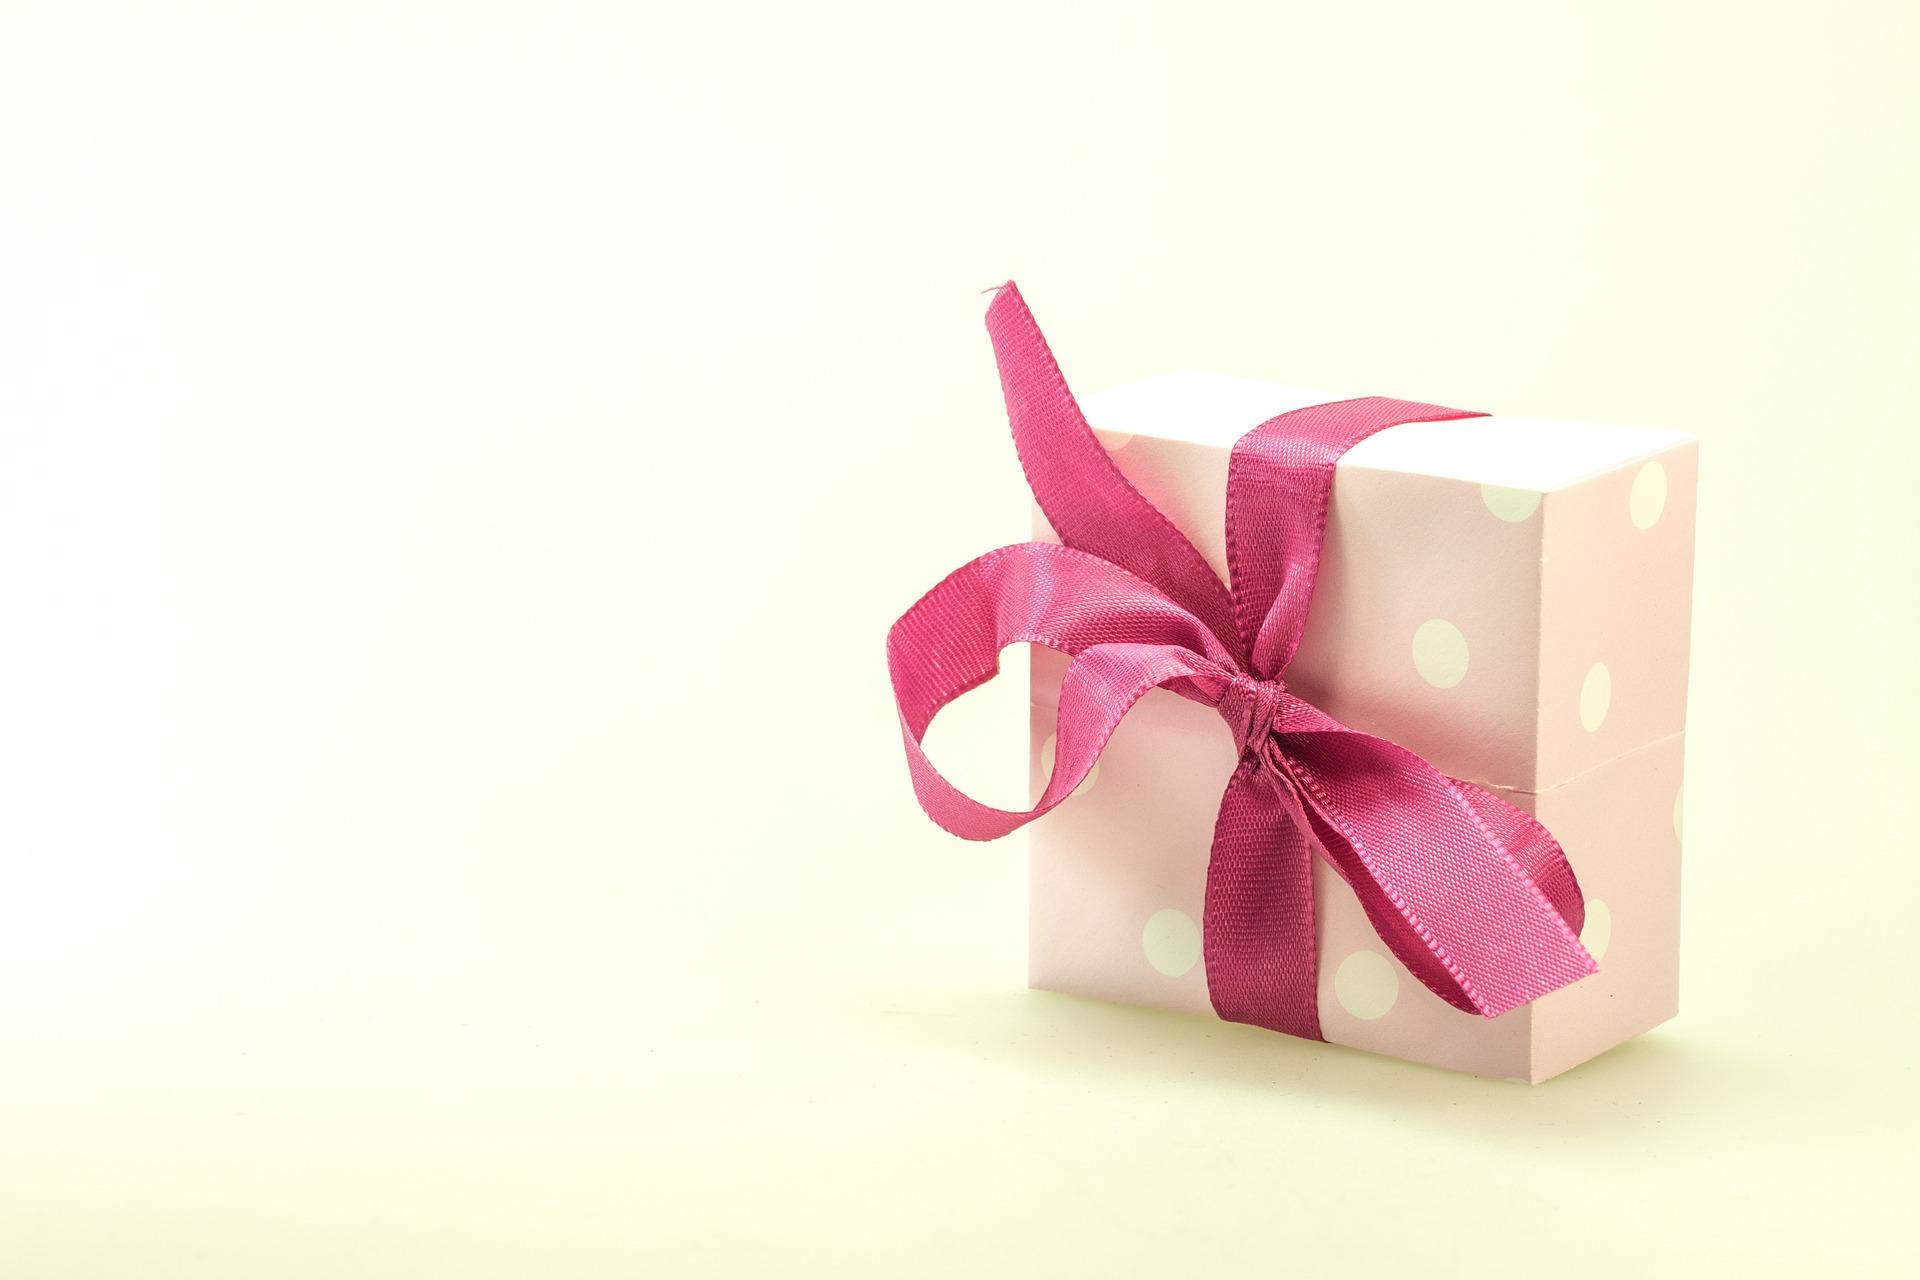 Jaki prezent dla pracowników? Kosze prezentowe to uniwersalny pomysł, bez względu na okoliczności